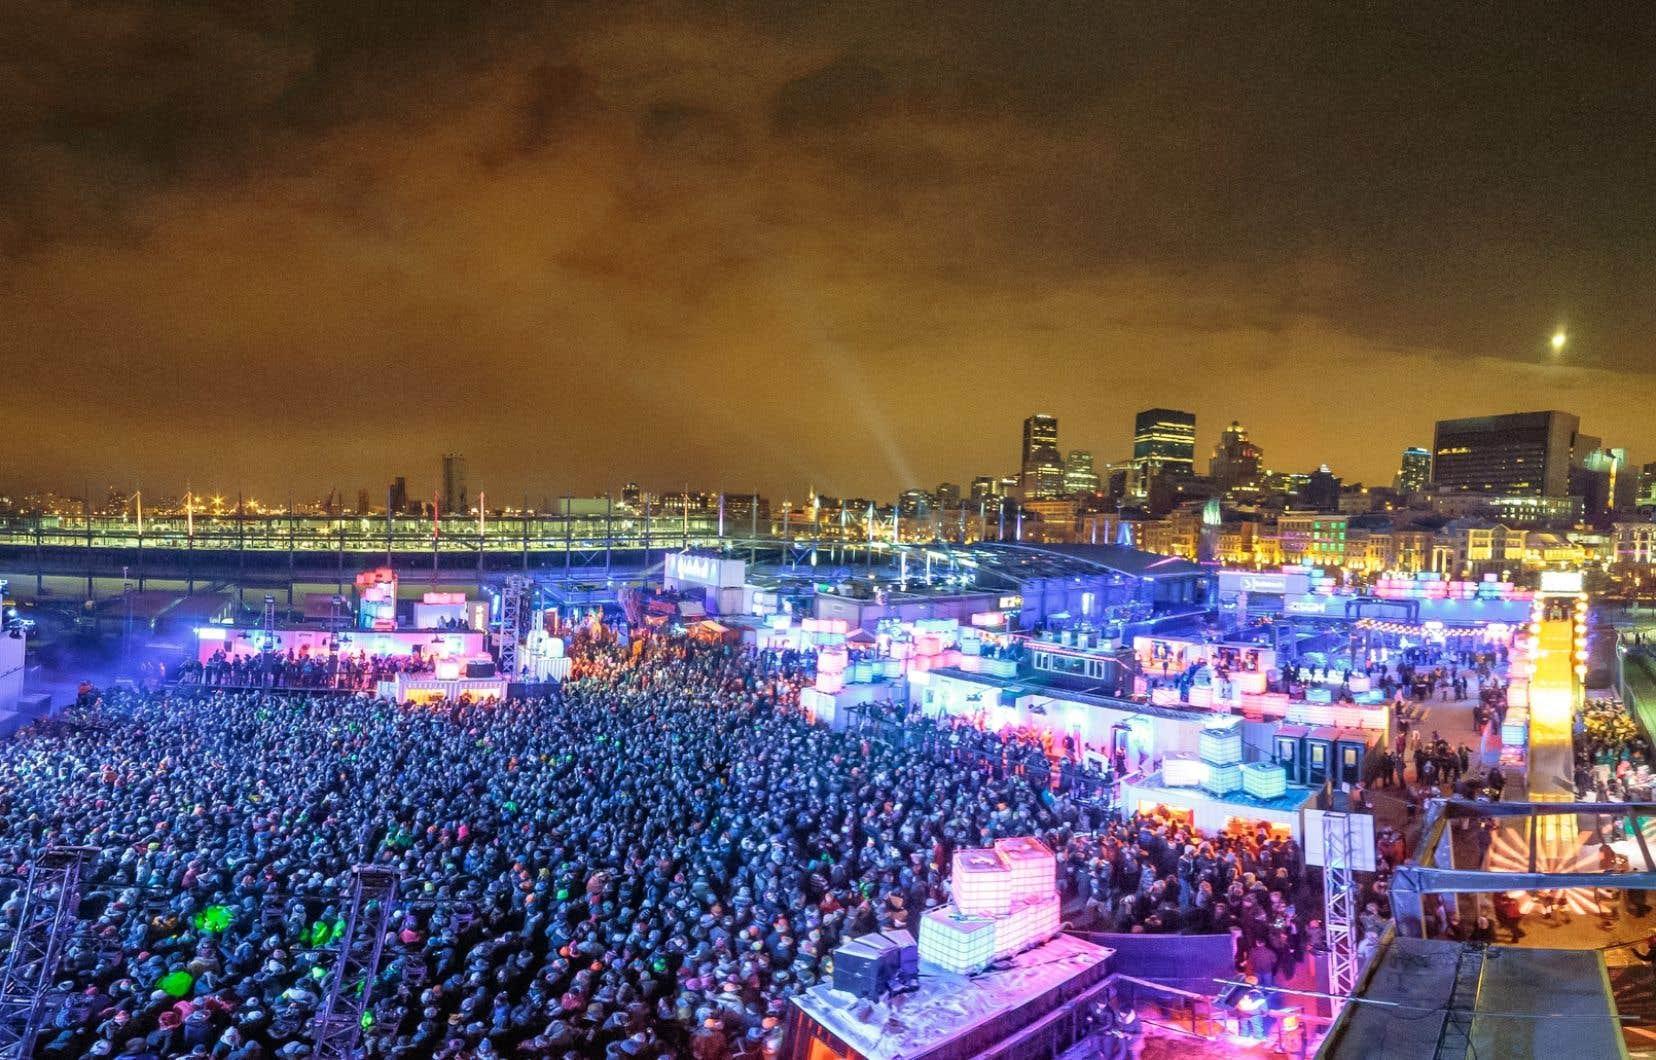 En temps normal, ce sont entre 3000 et 11000 festivaliers qui fréquentent l'Igloofest, à Montréal, selon les jours de la semaine.